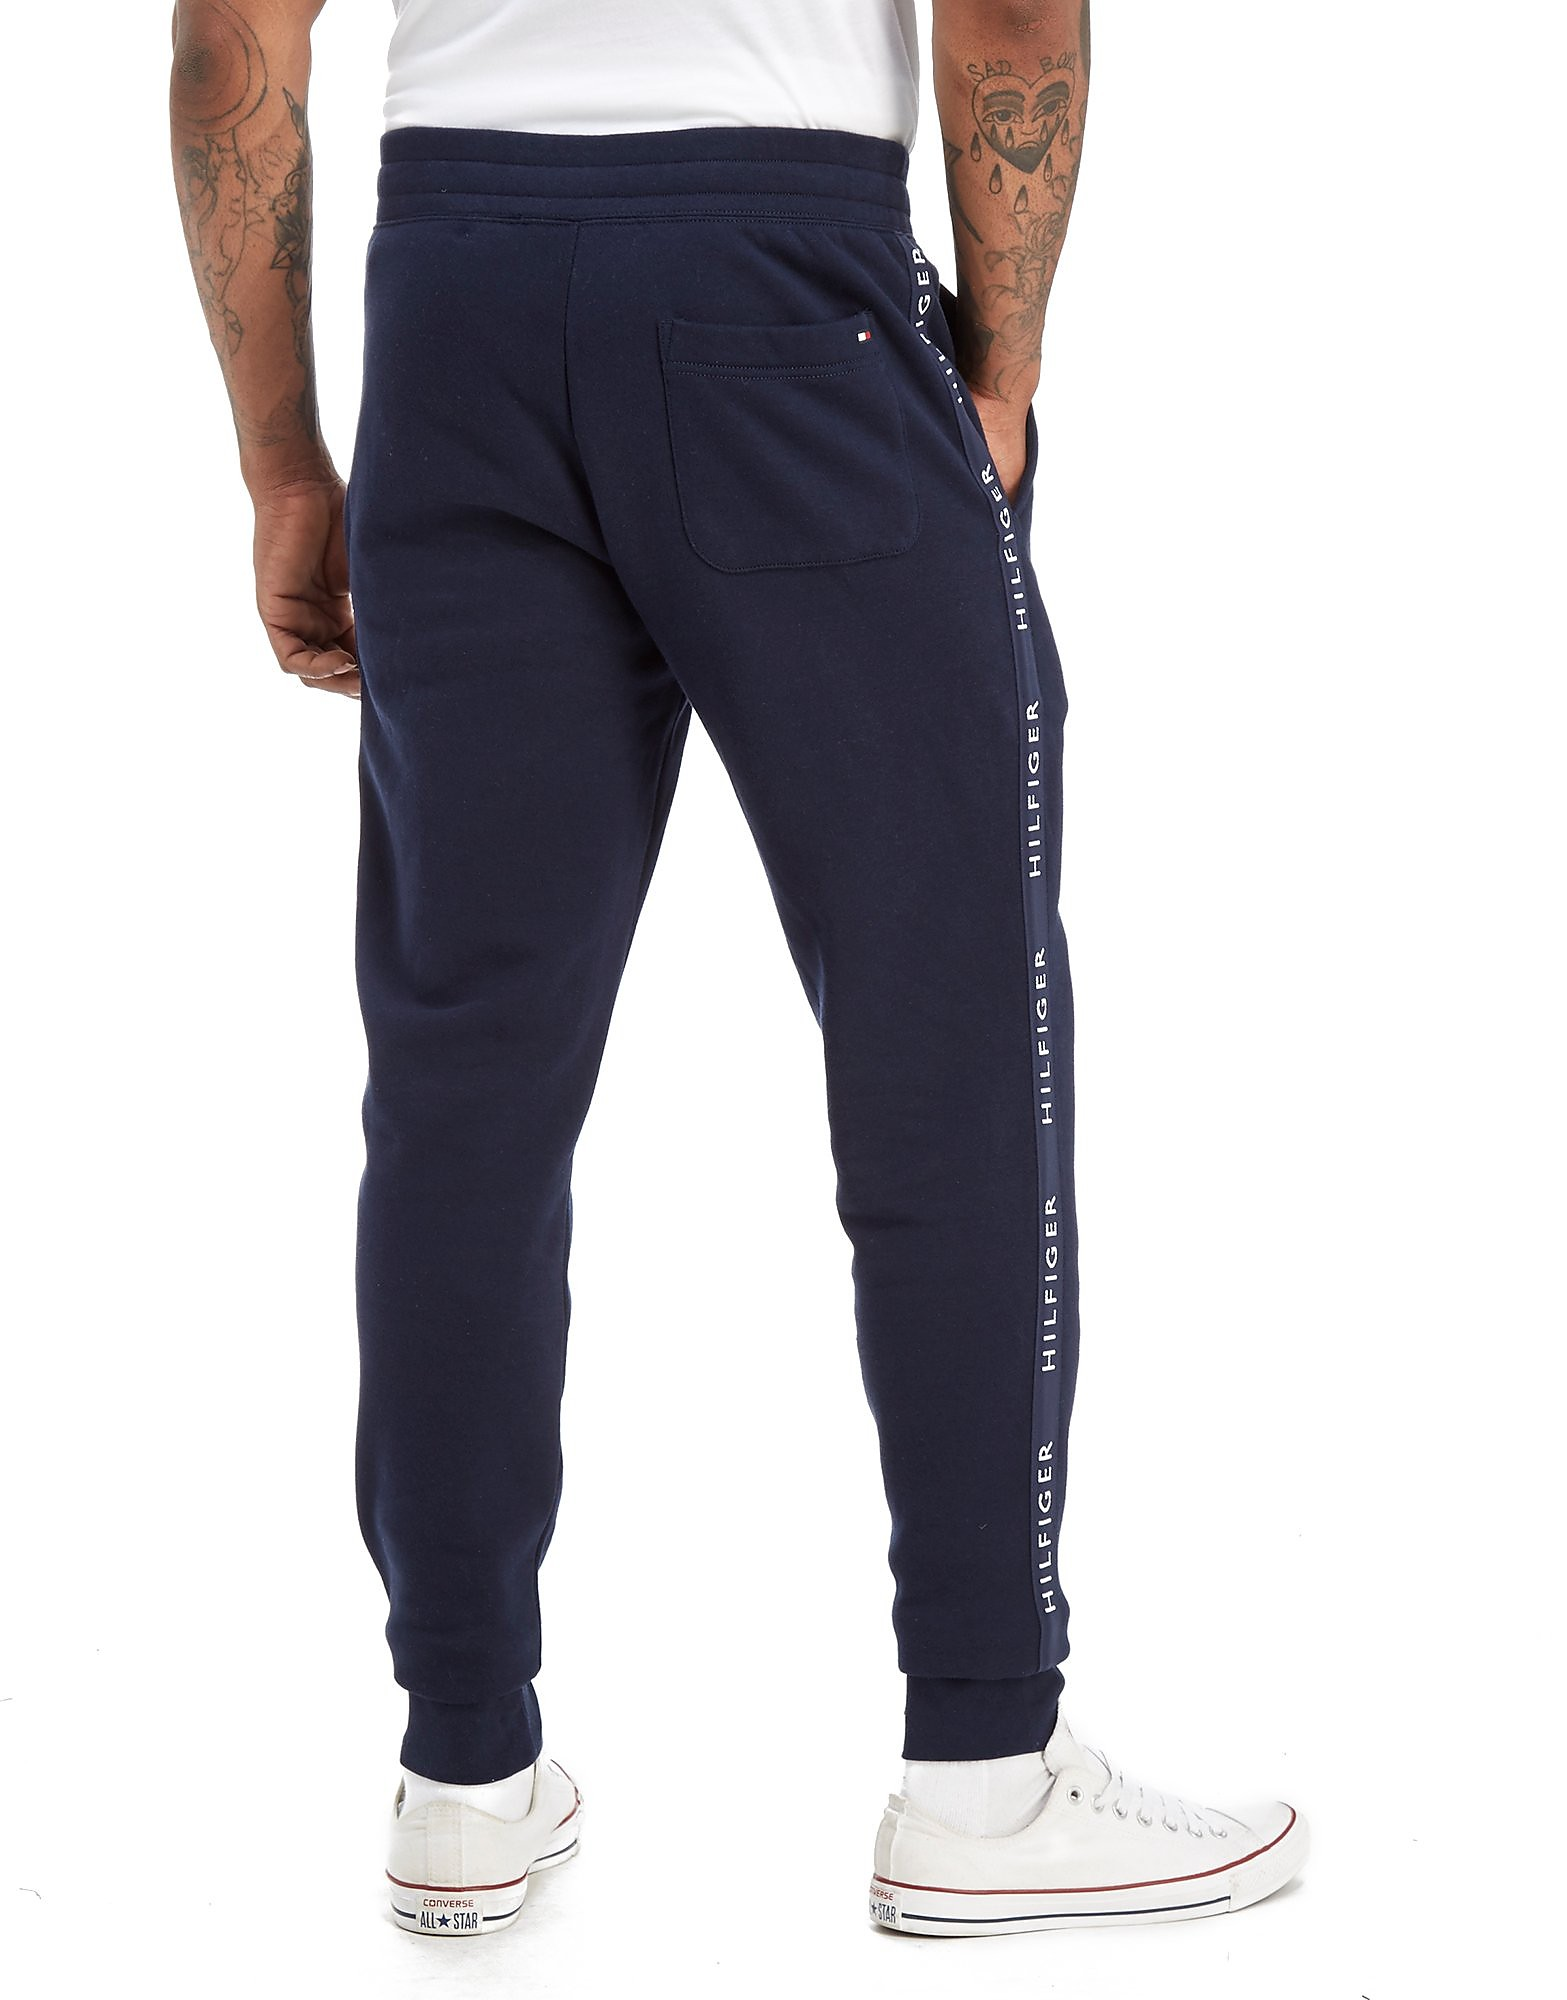 Tommy Hilfiger Side Tape Fleece Pants